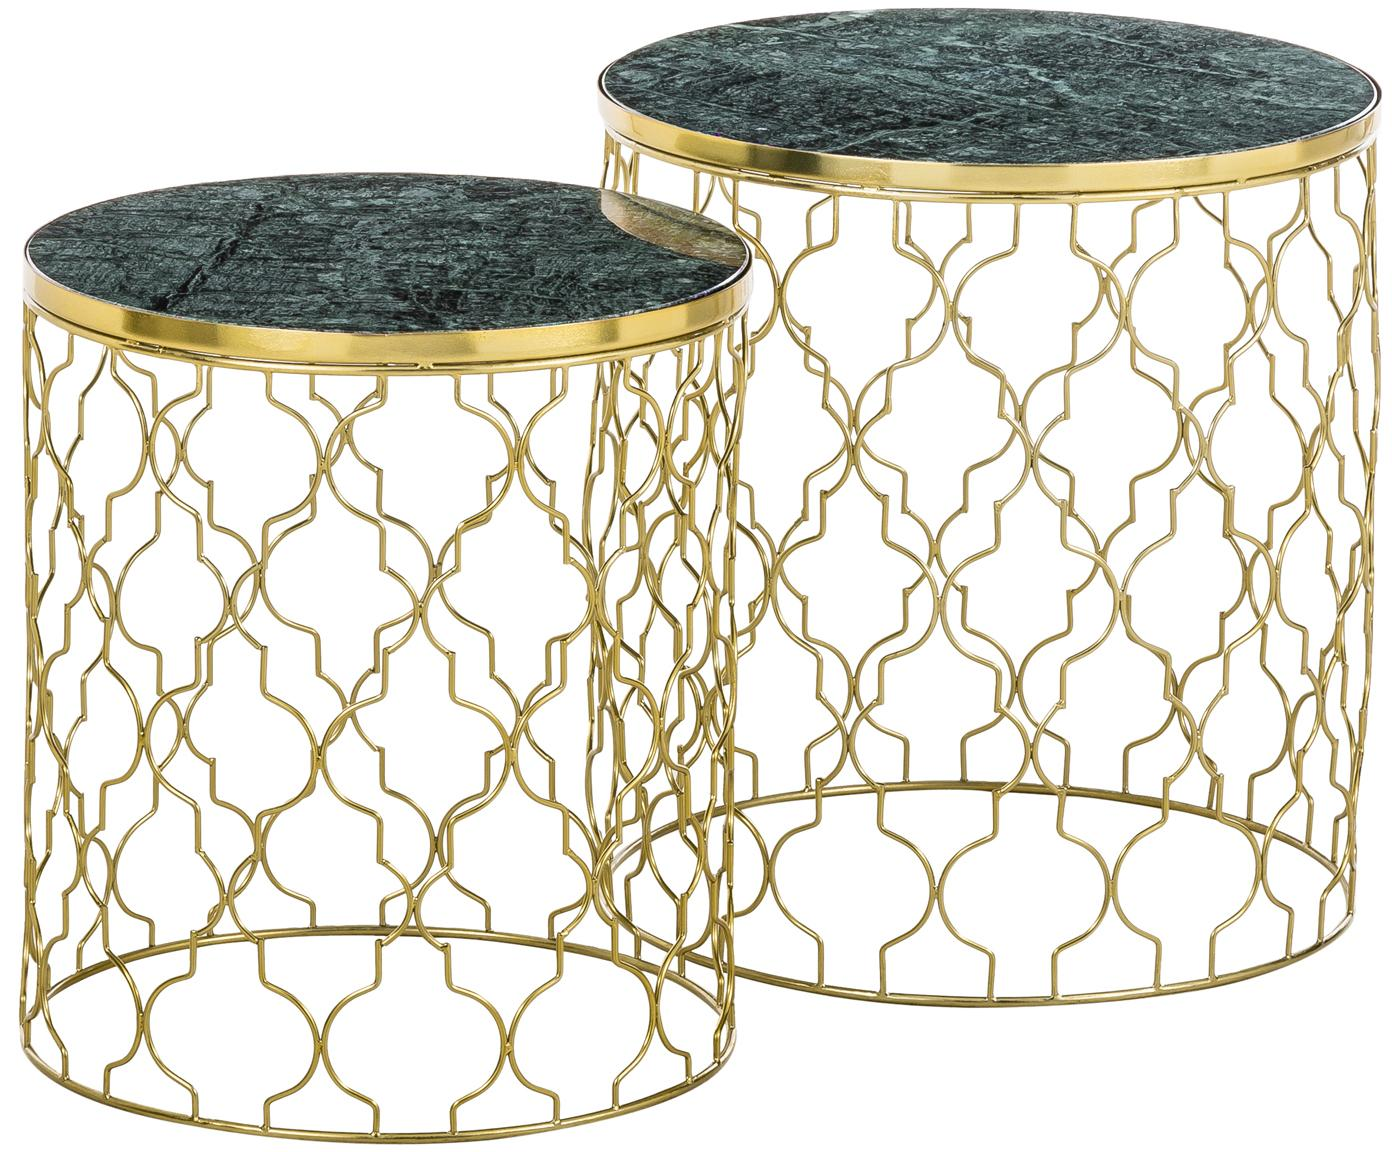 Marmor-Beistelltisch-Set Blake, 2-tlg., Tischplatten: Grüner MarmorGestelle: Goldfarben, glänzend, ∅ 45 x H 50 cm